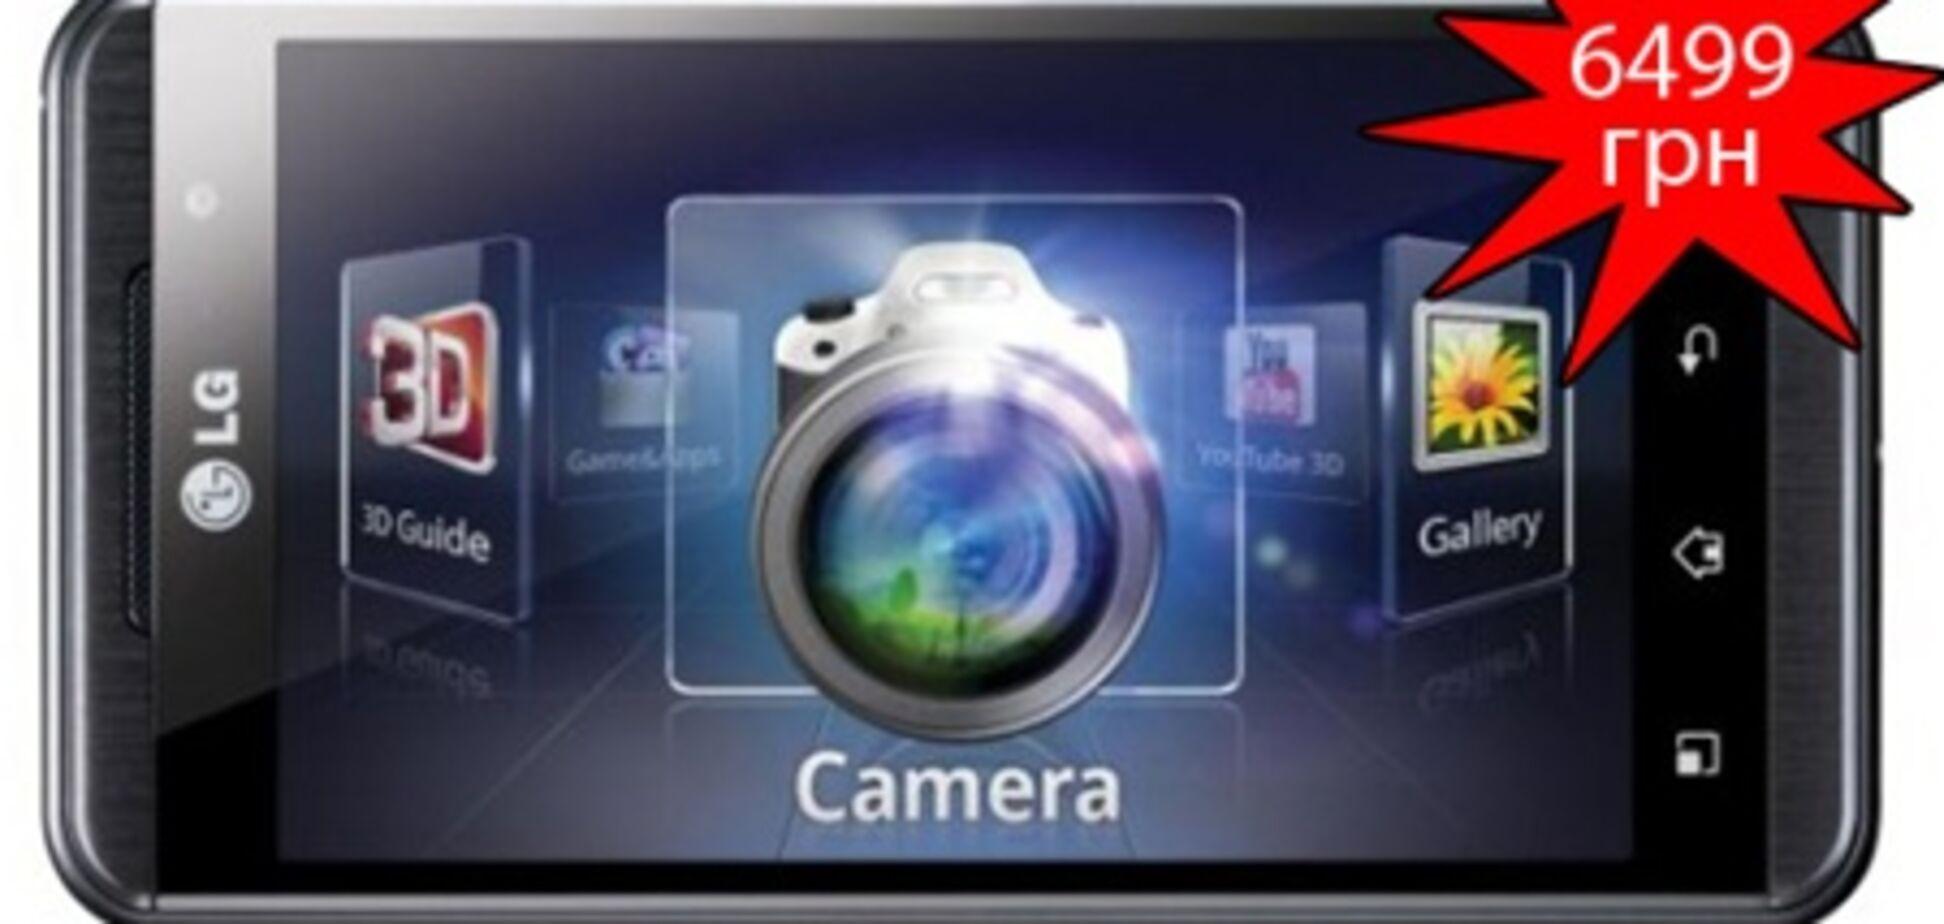 Объявлена стоимость для Украины первого смартфона с 3D экраном